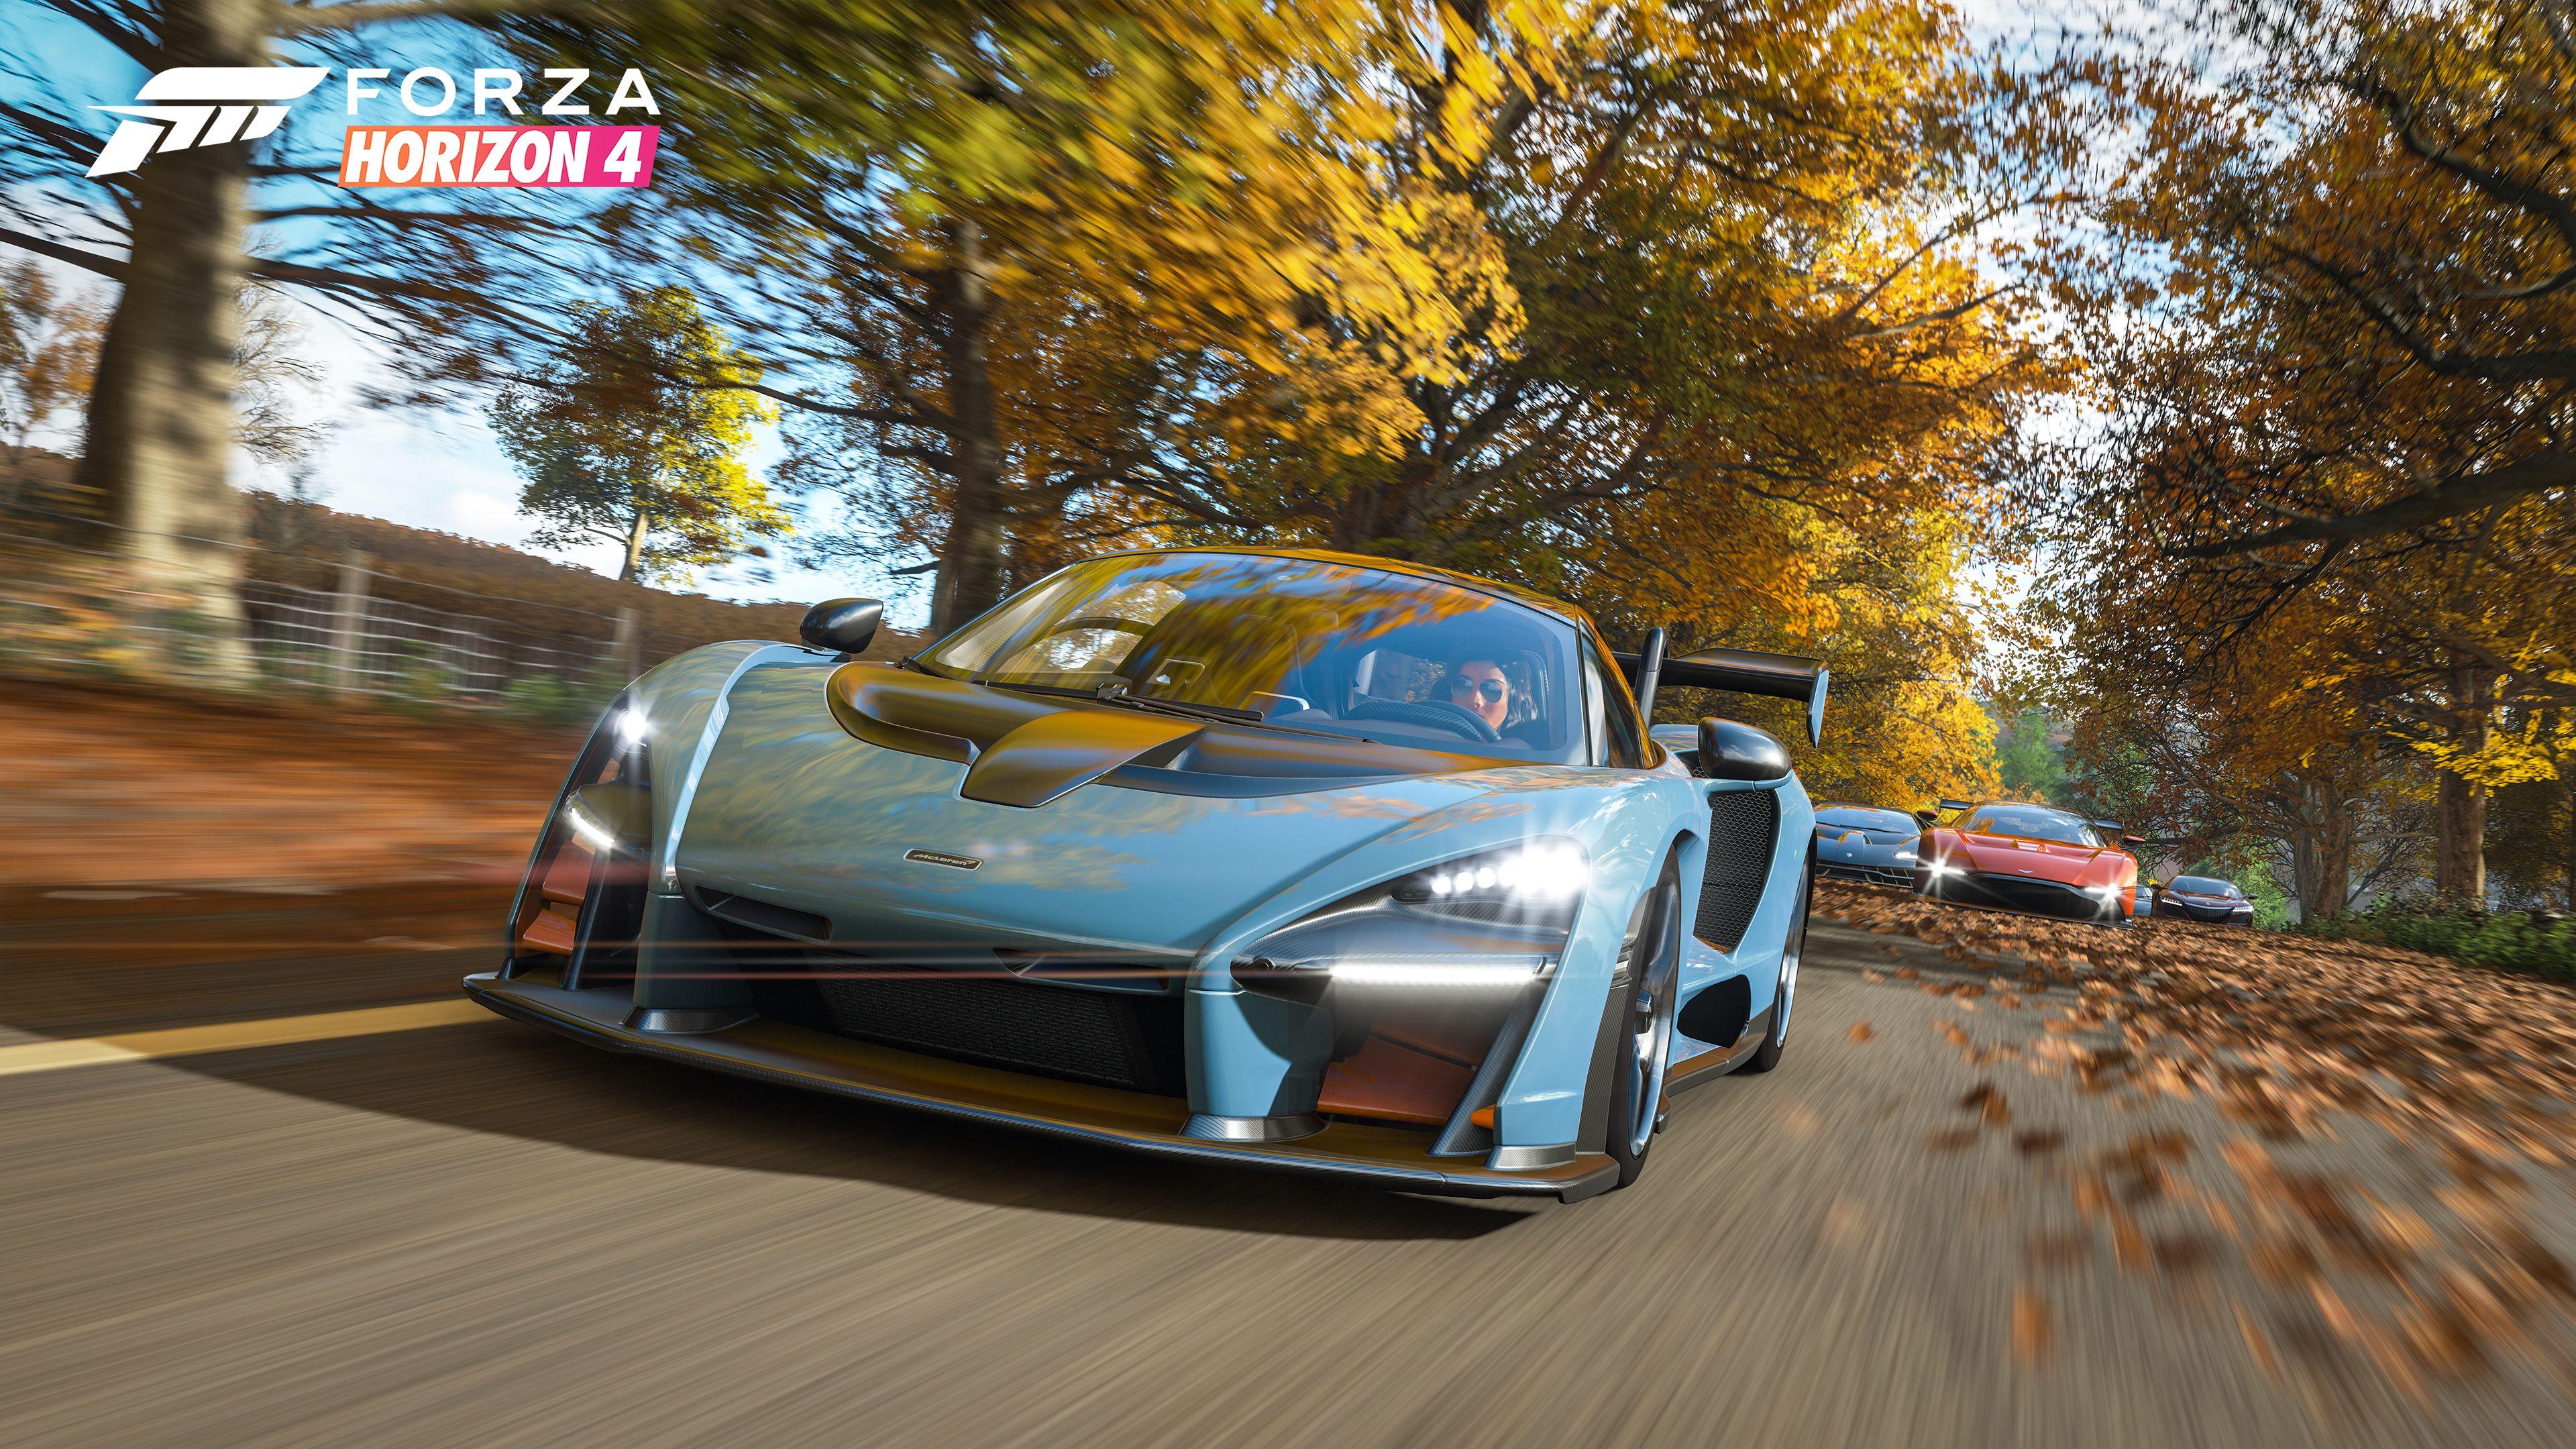 Скриншот к игре Forza Horizon 4: Ultimate Edition [v1.465.282.0 + DLCs] (2018) скачать торрент RePack от R.G. Механики